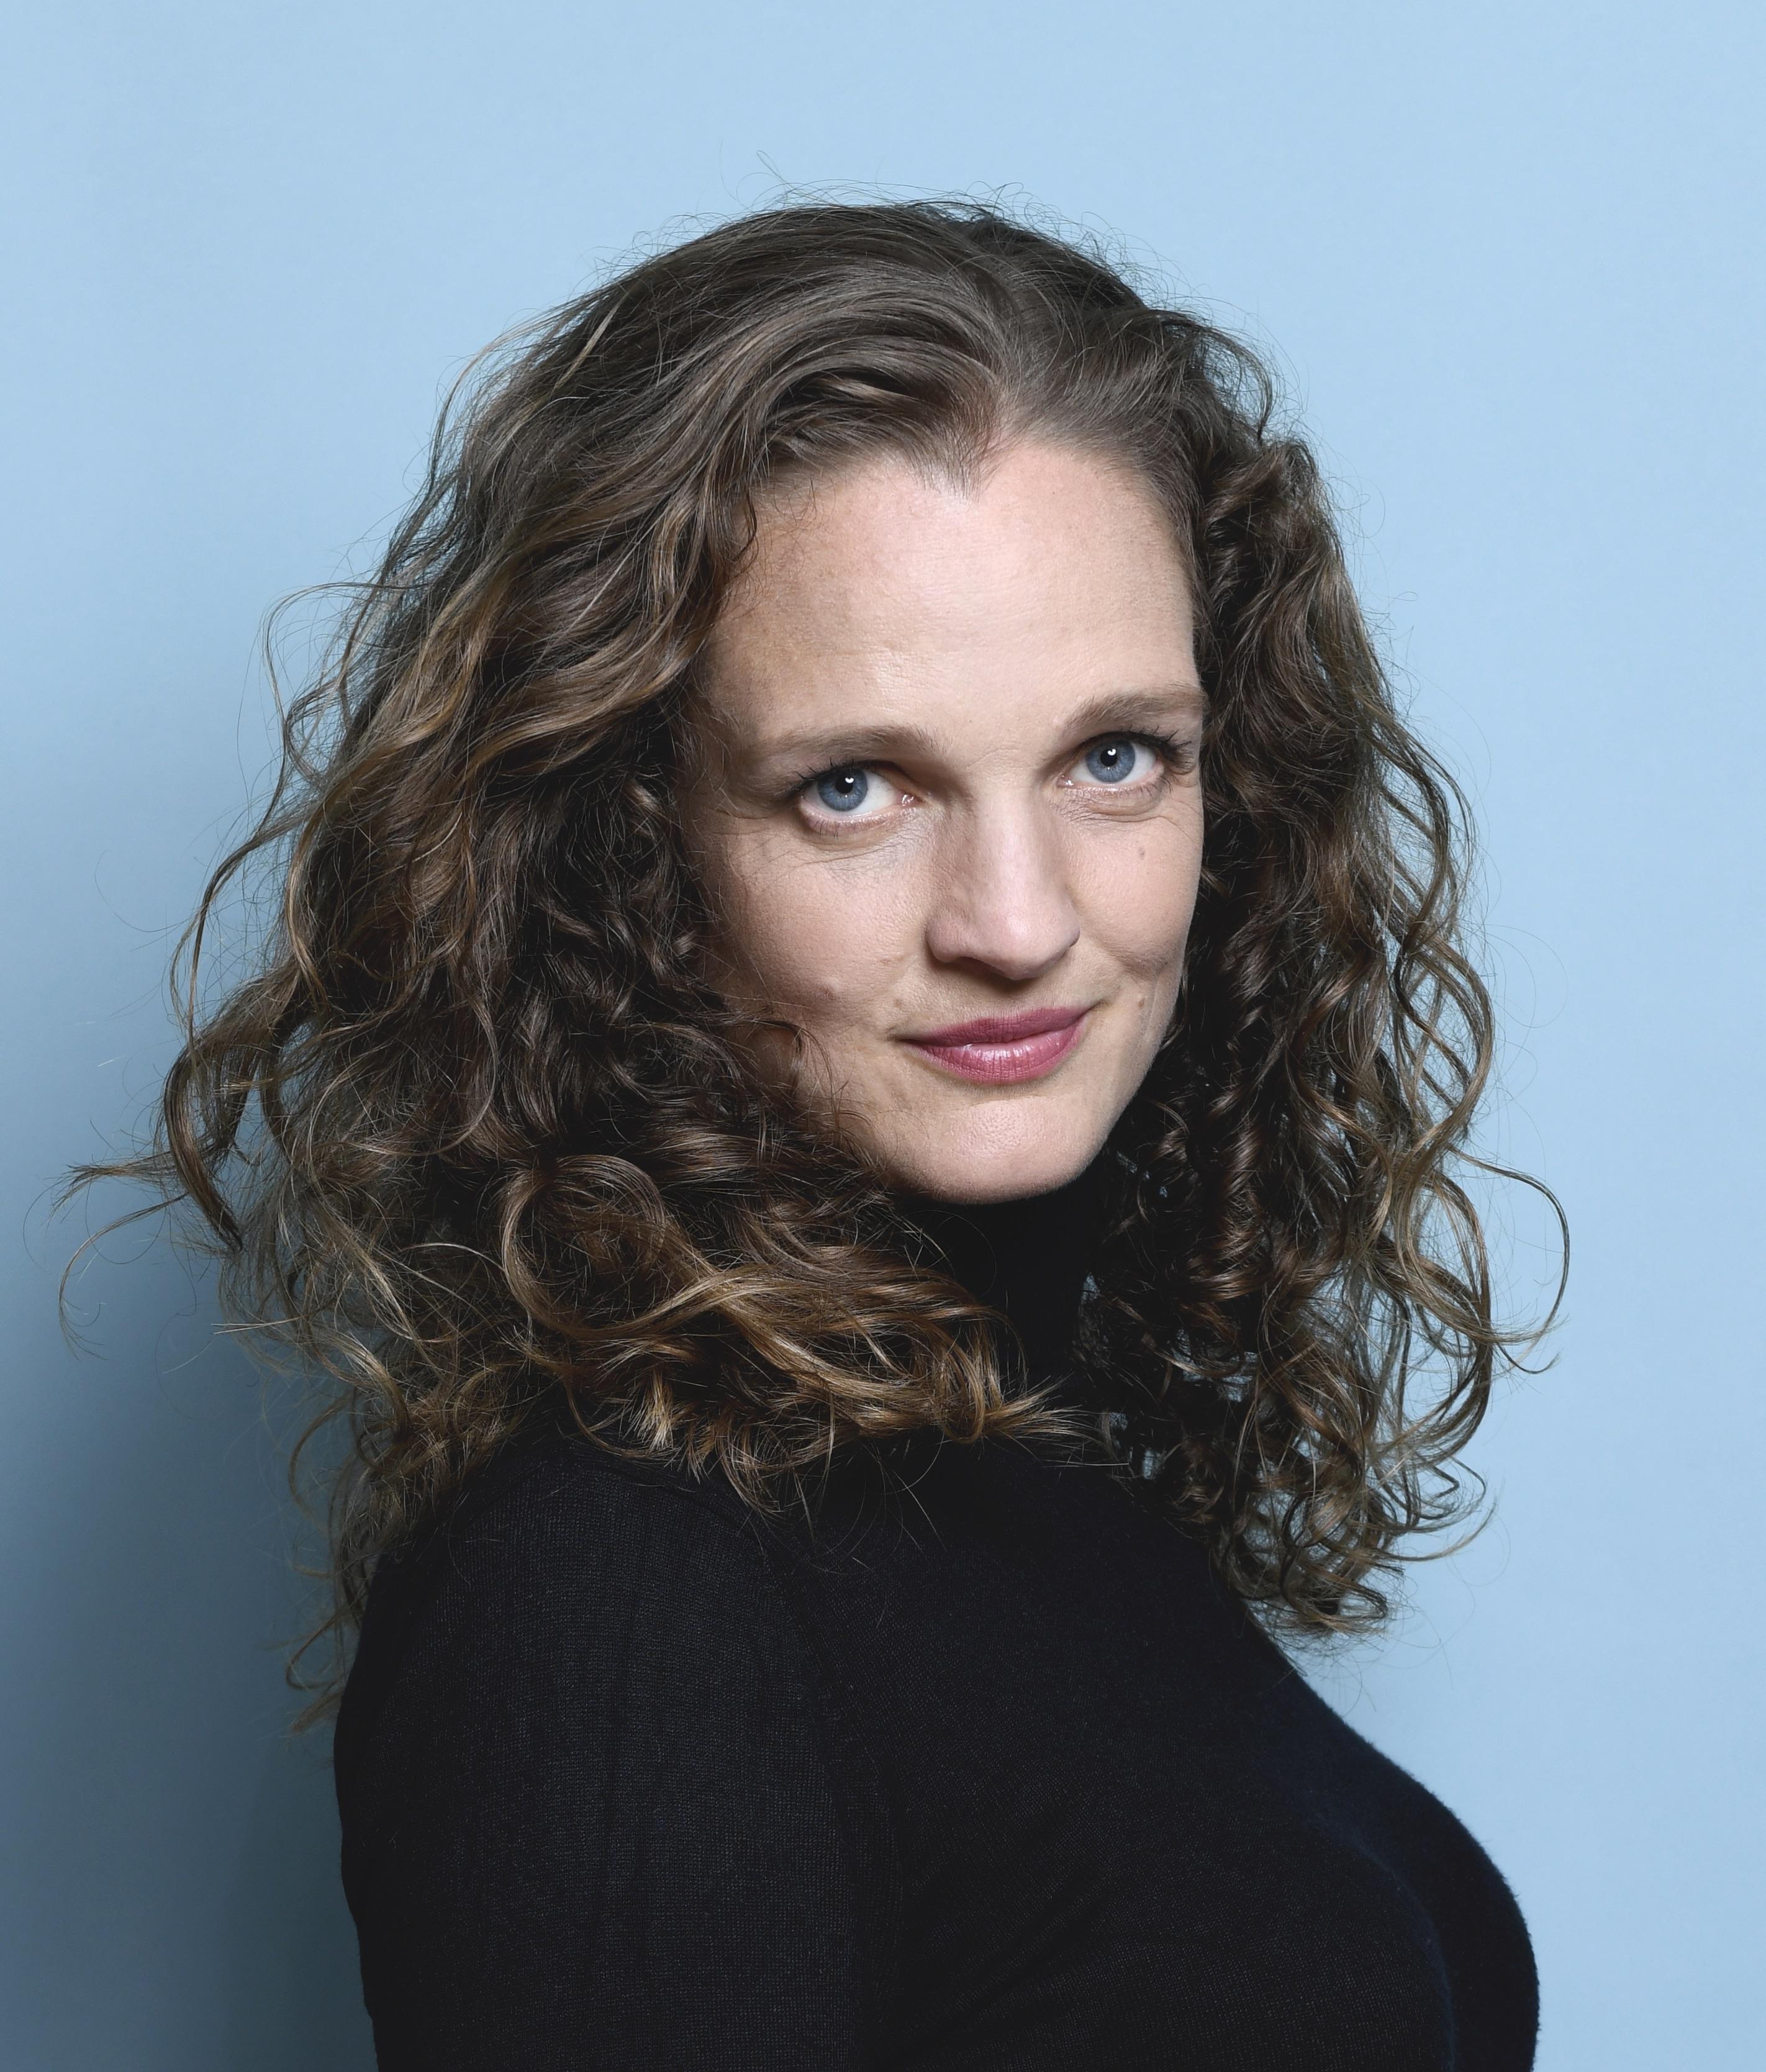 Nicol Schmidt Portrait